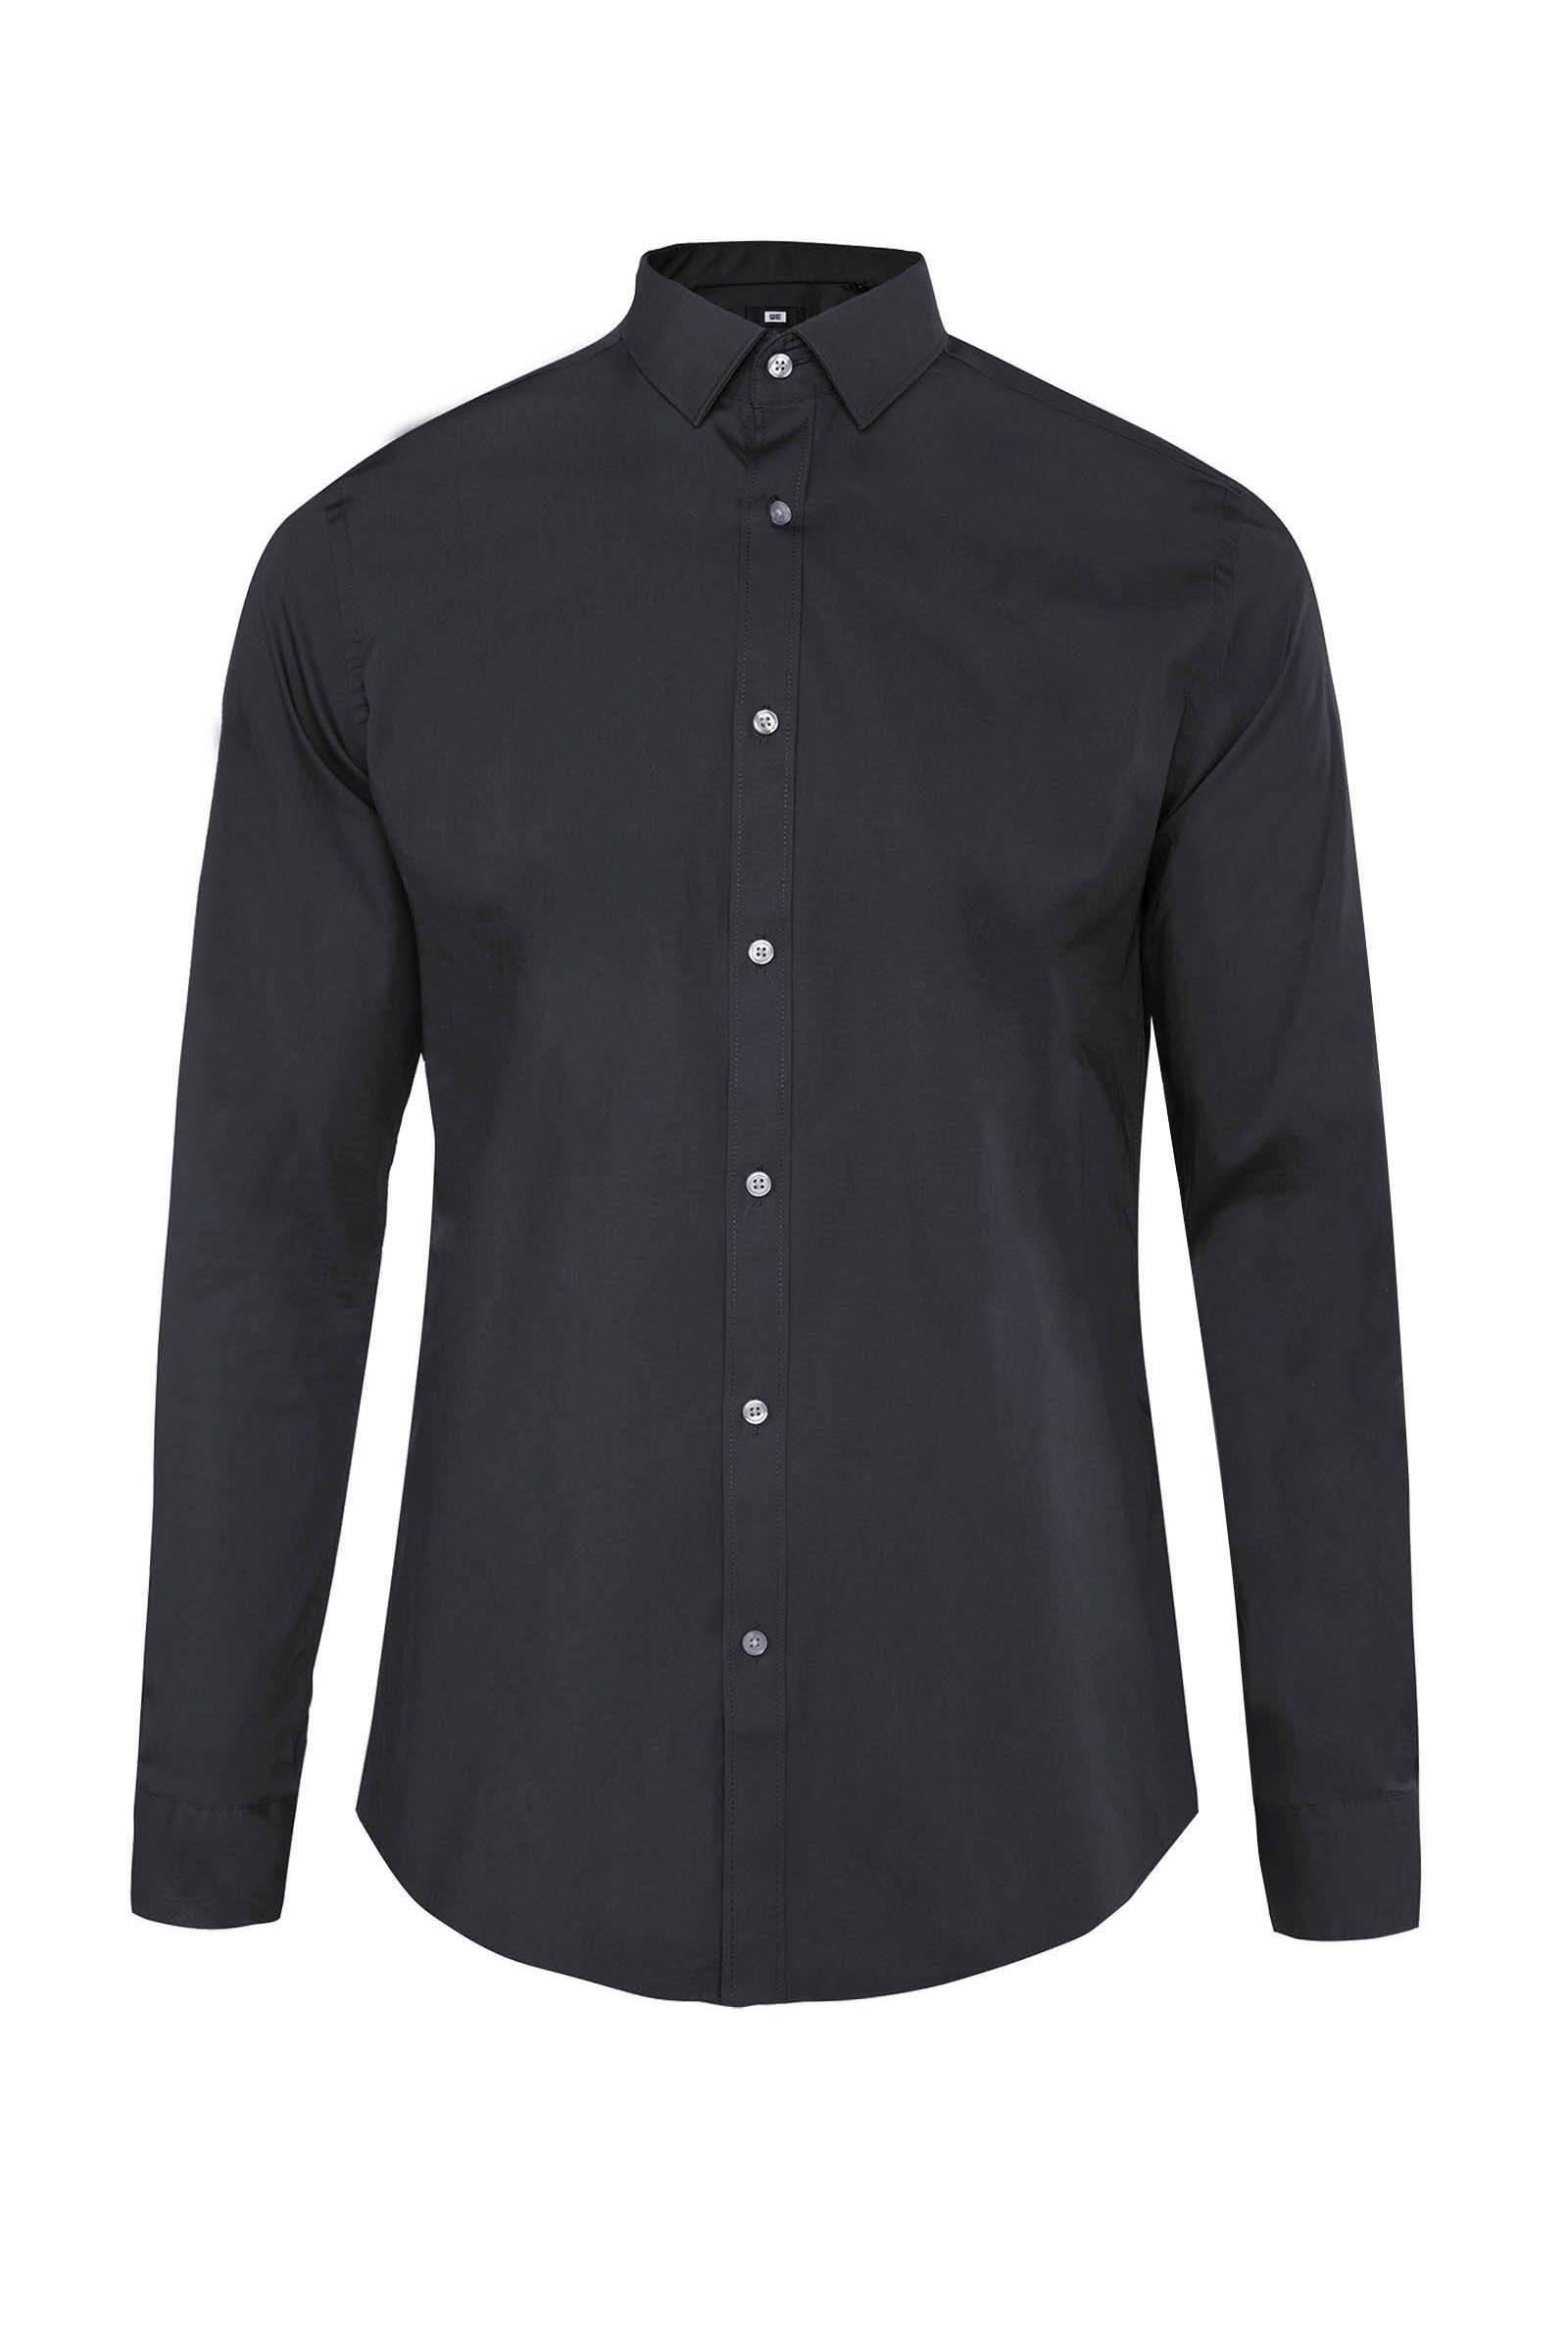 Overhemd Zwart Heren.Aanbiedingen Heren Bij Wehkamp Gratis Bezorging Vanaf 20